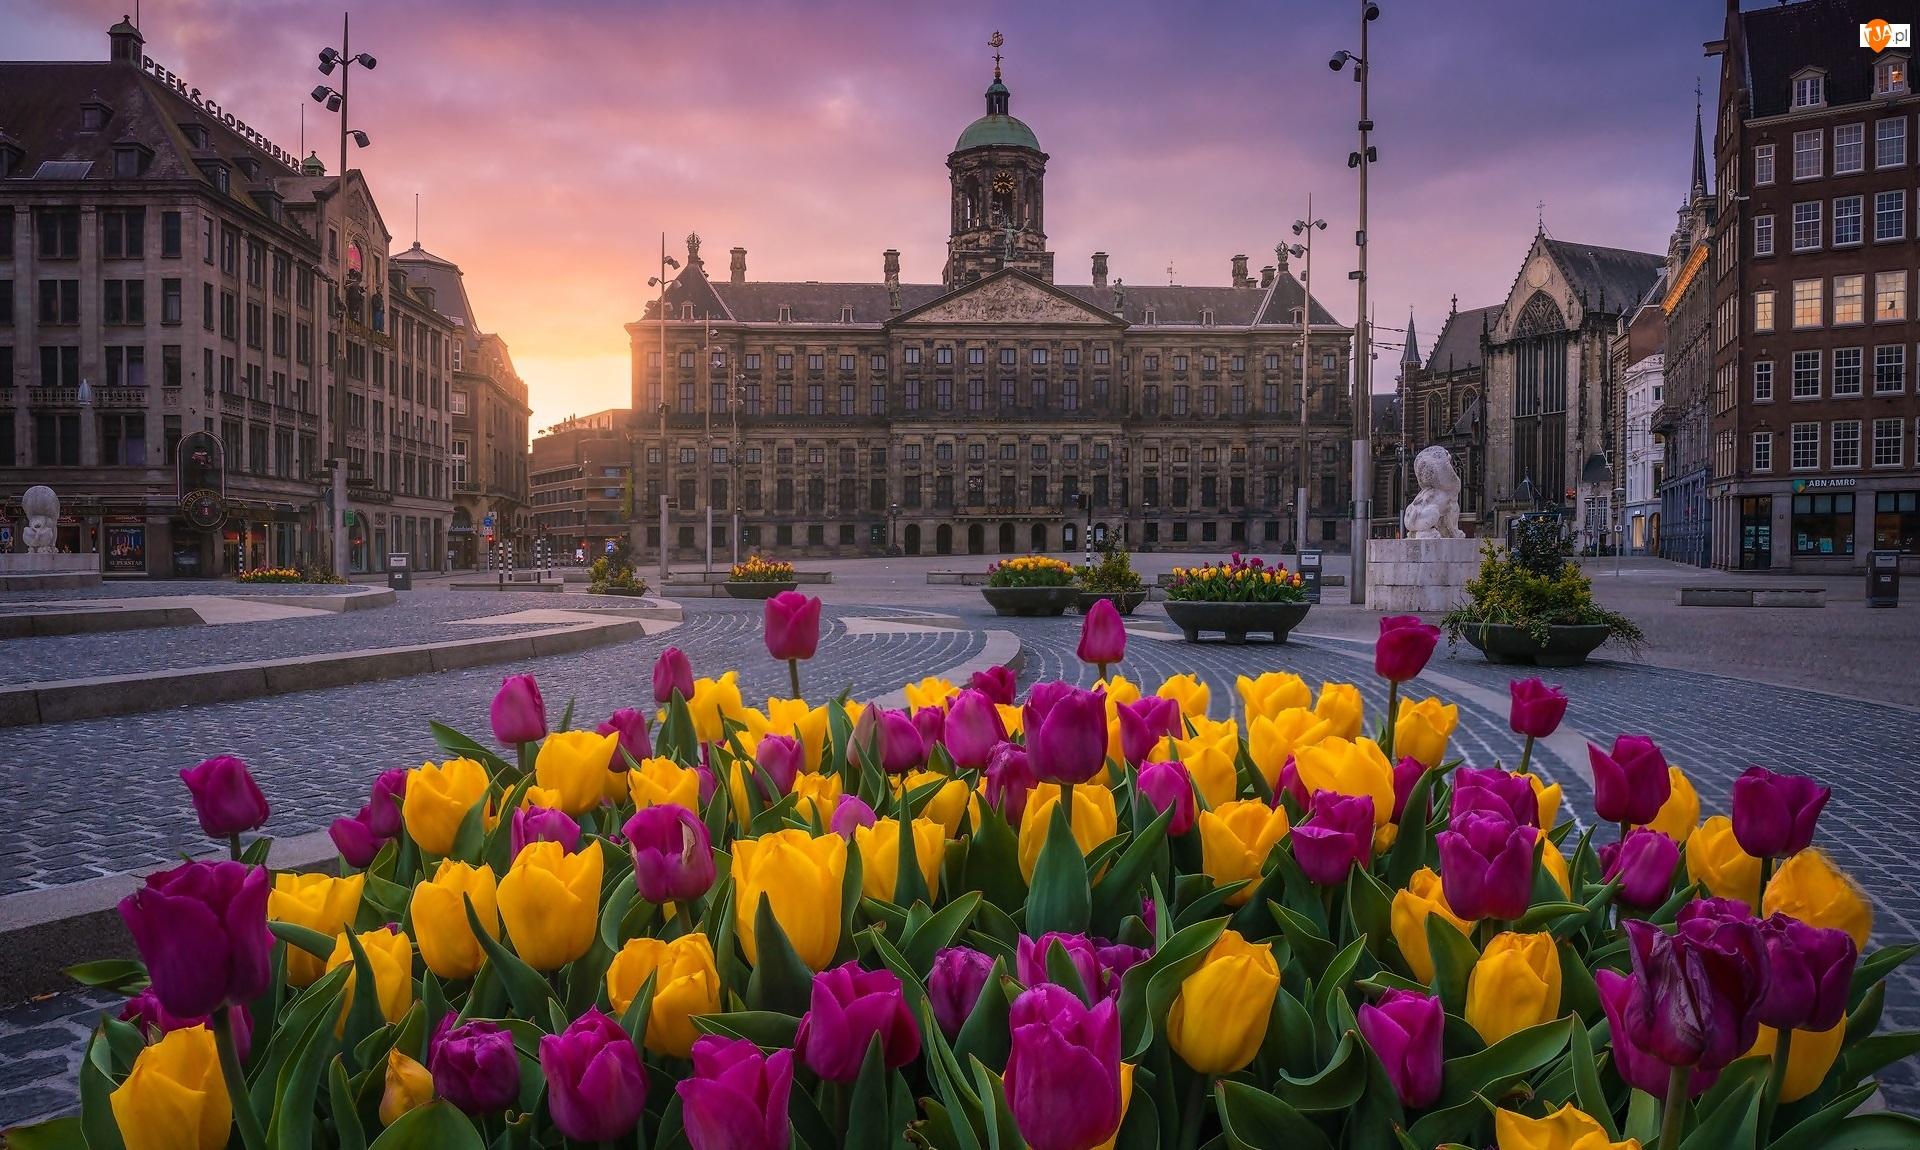 Pałac Królewski, Zachód słońca, Amsterdam, Holandia, Tulipany